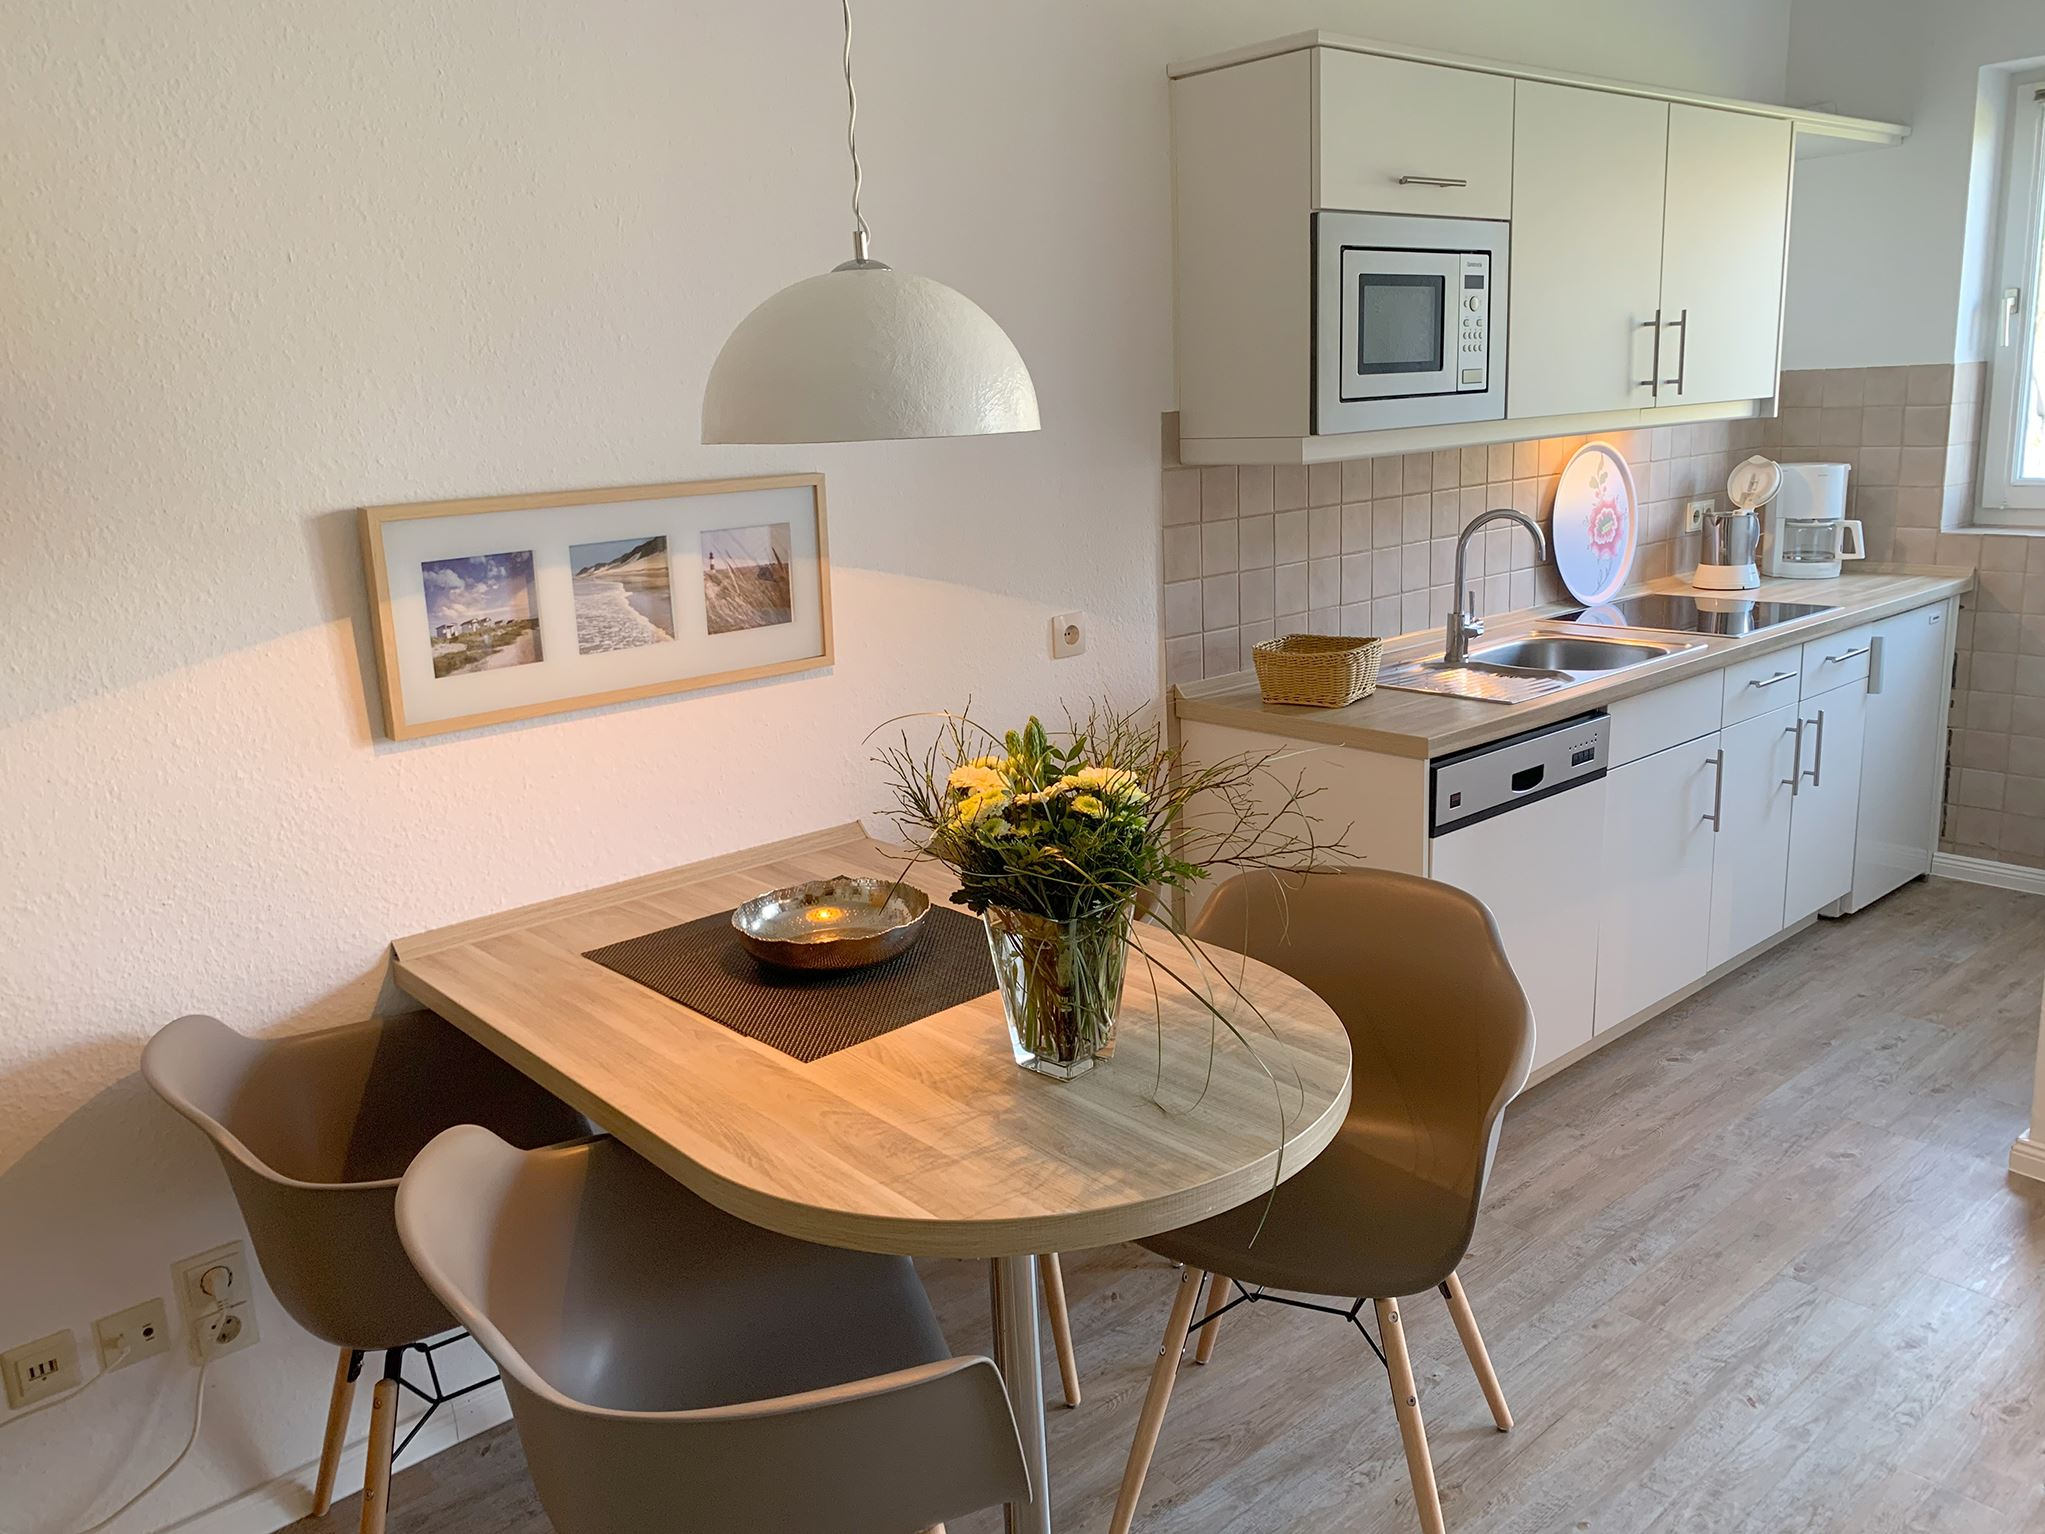 strandnahes Ferienappartement in St. Peter-Ording für 2-4 Personen, mit großer Süd-Westterrasse , strandnah, ruhig, privat.Luna IV Nr. 30